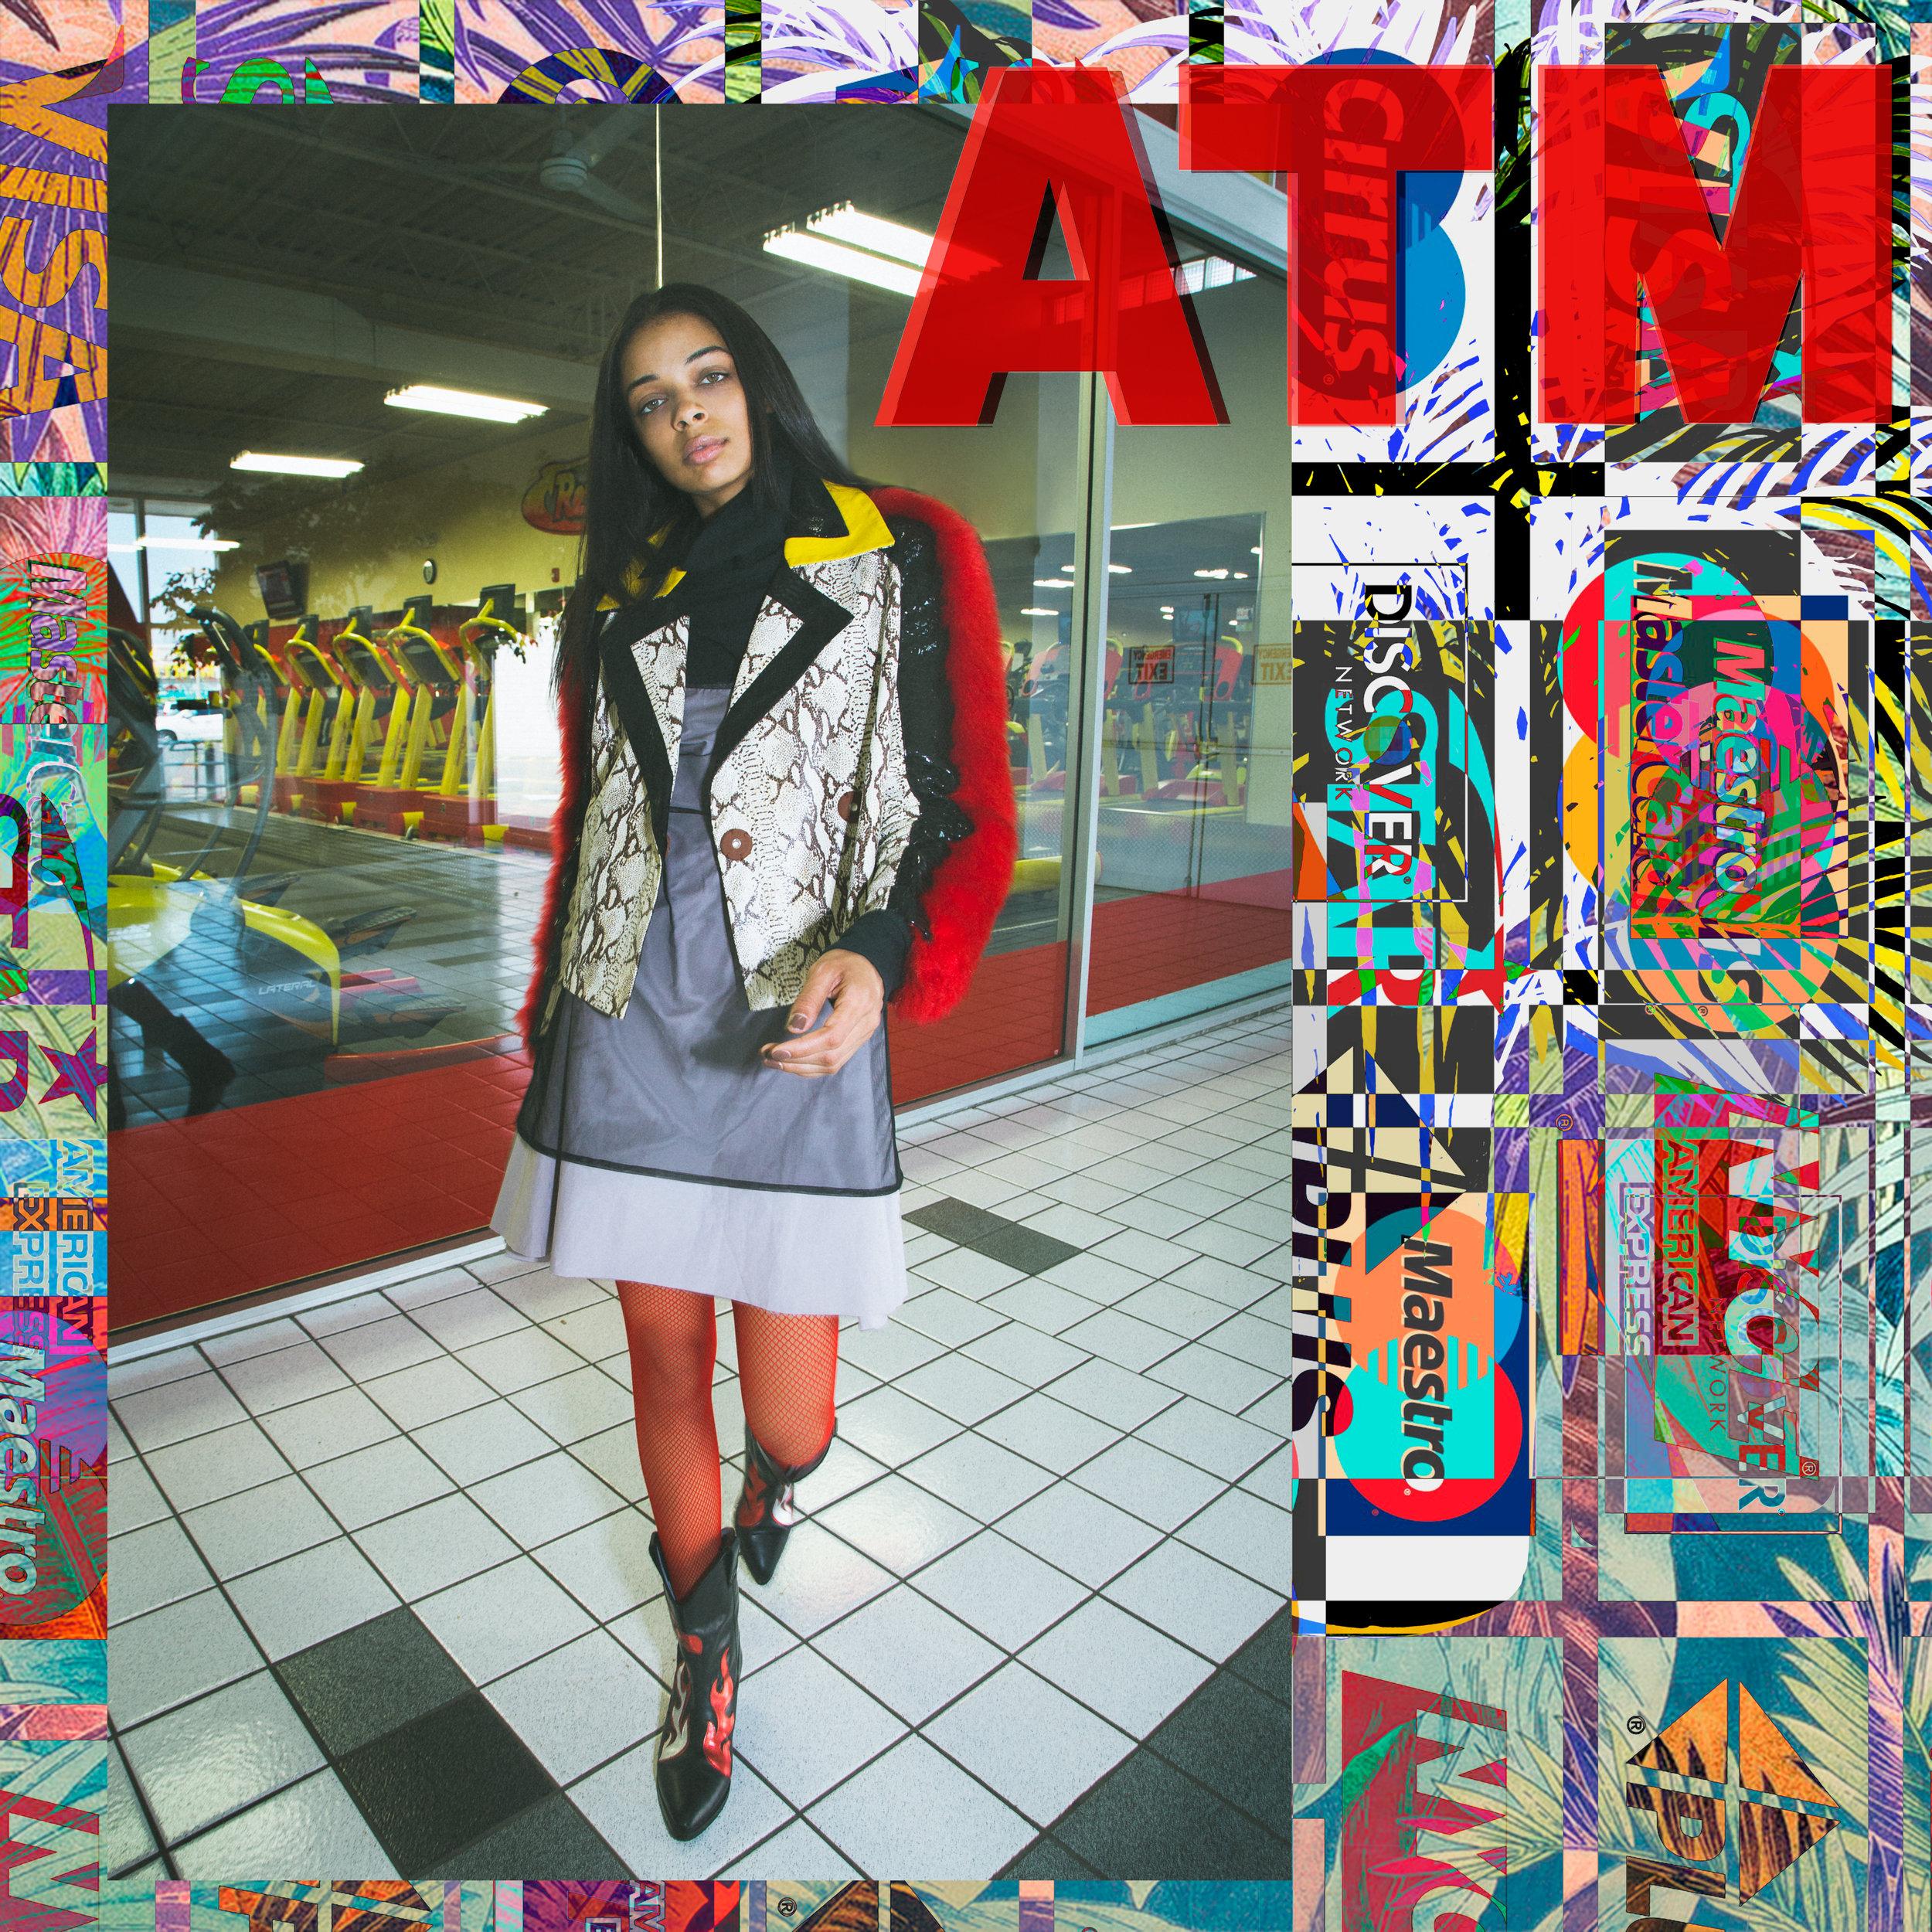 Mall_Rat_FINAL-005.jpg